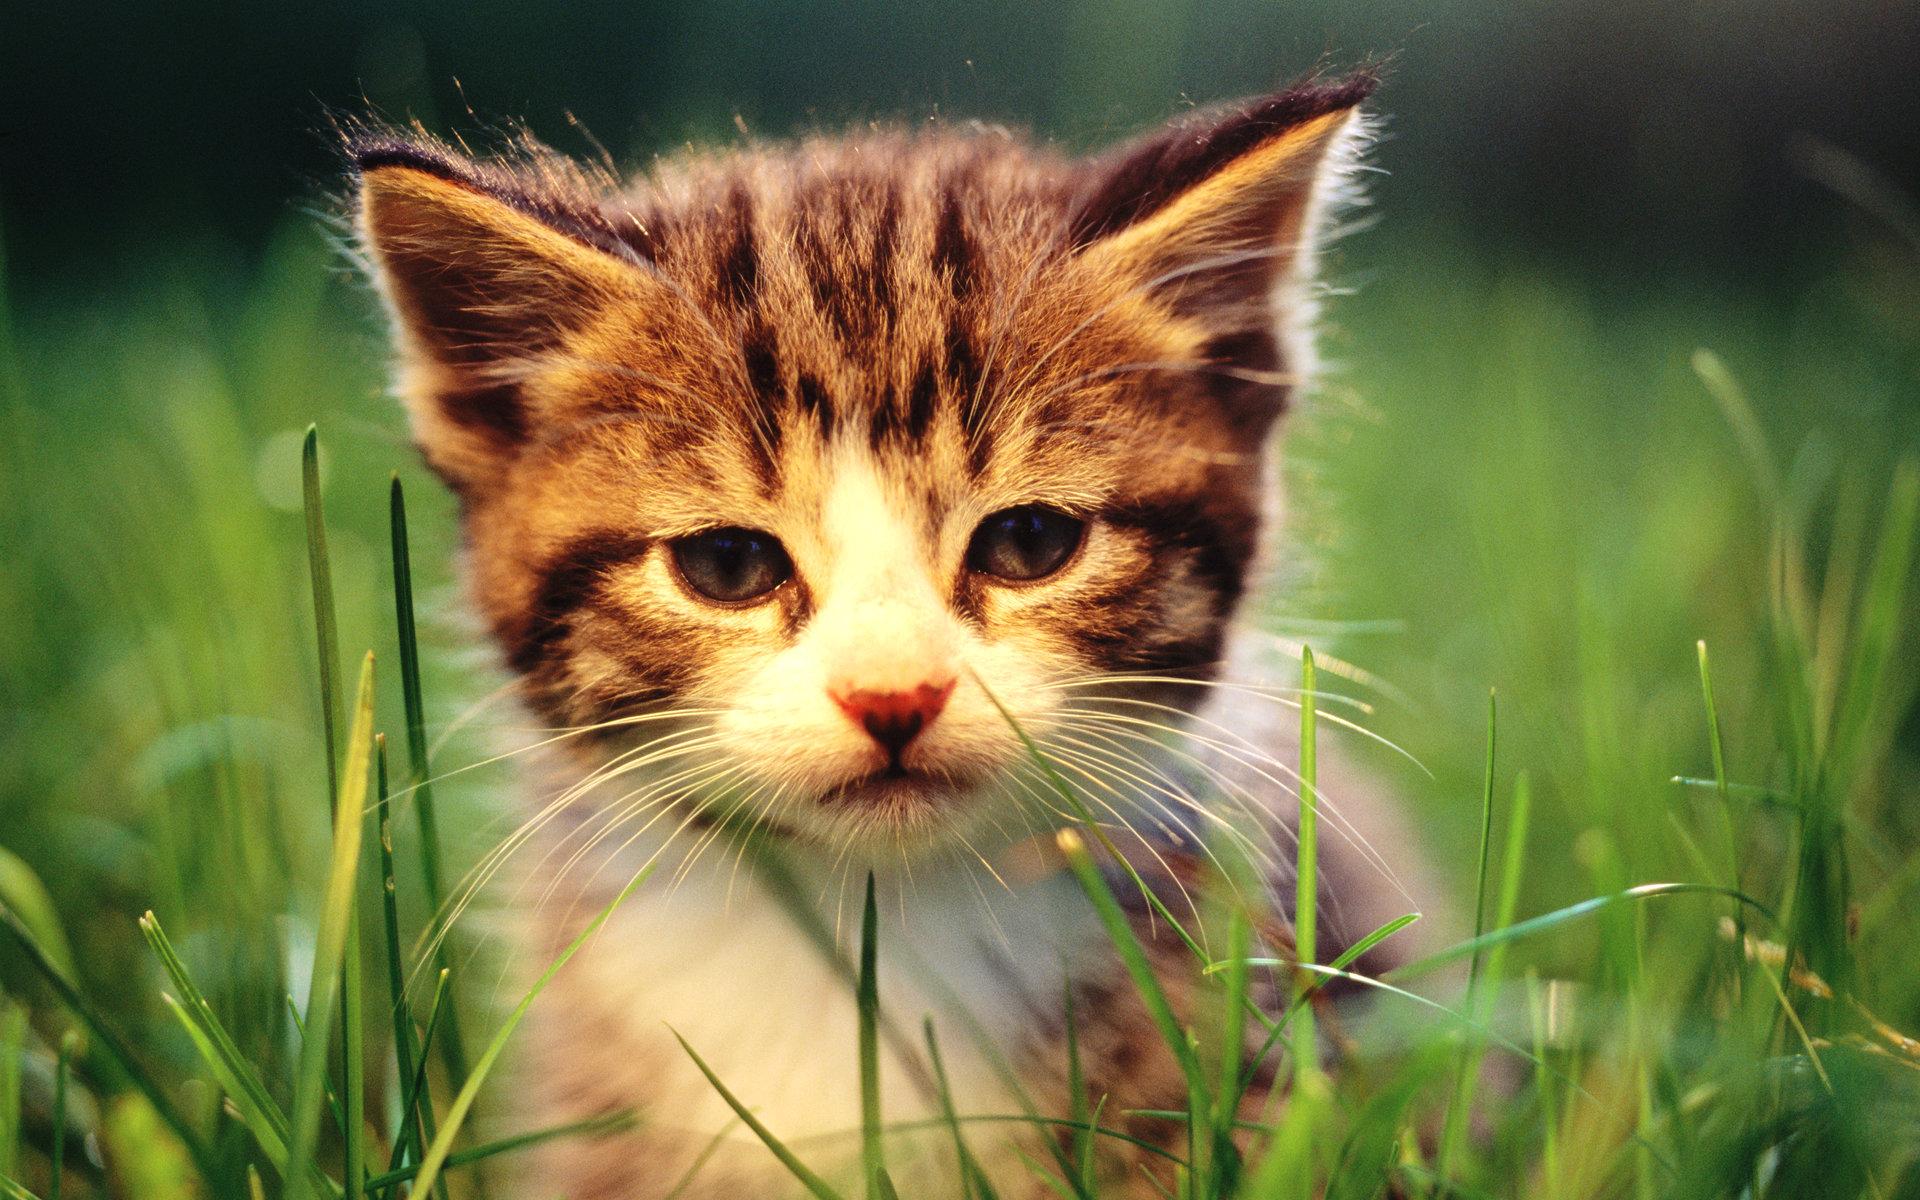 壁纸/可爱小猫咪宽屏壁纸